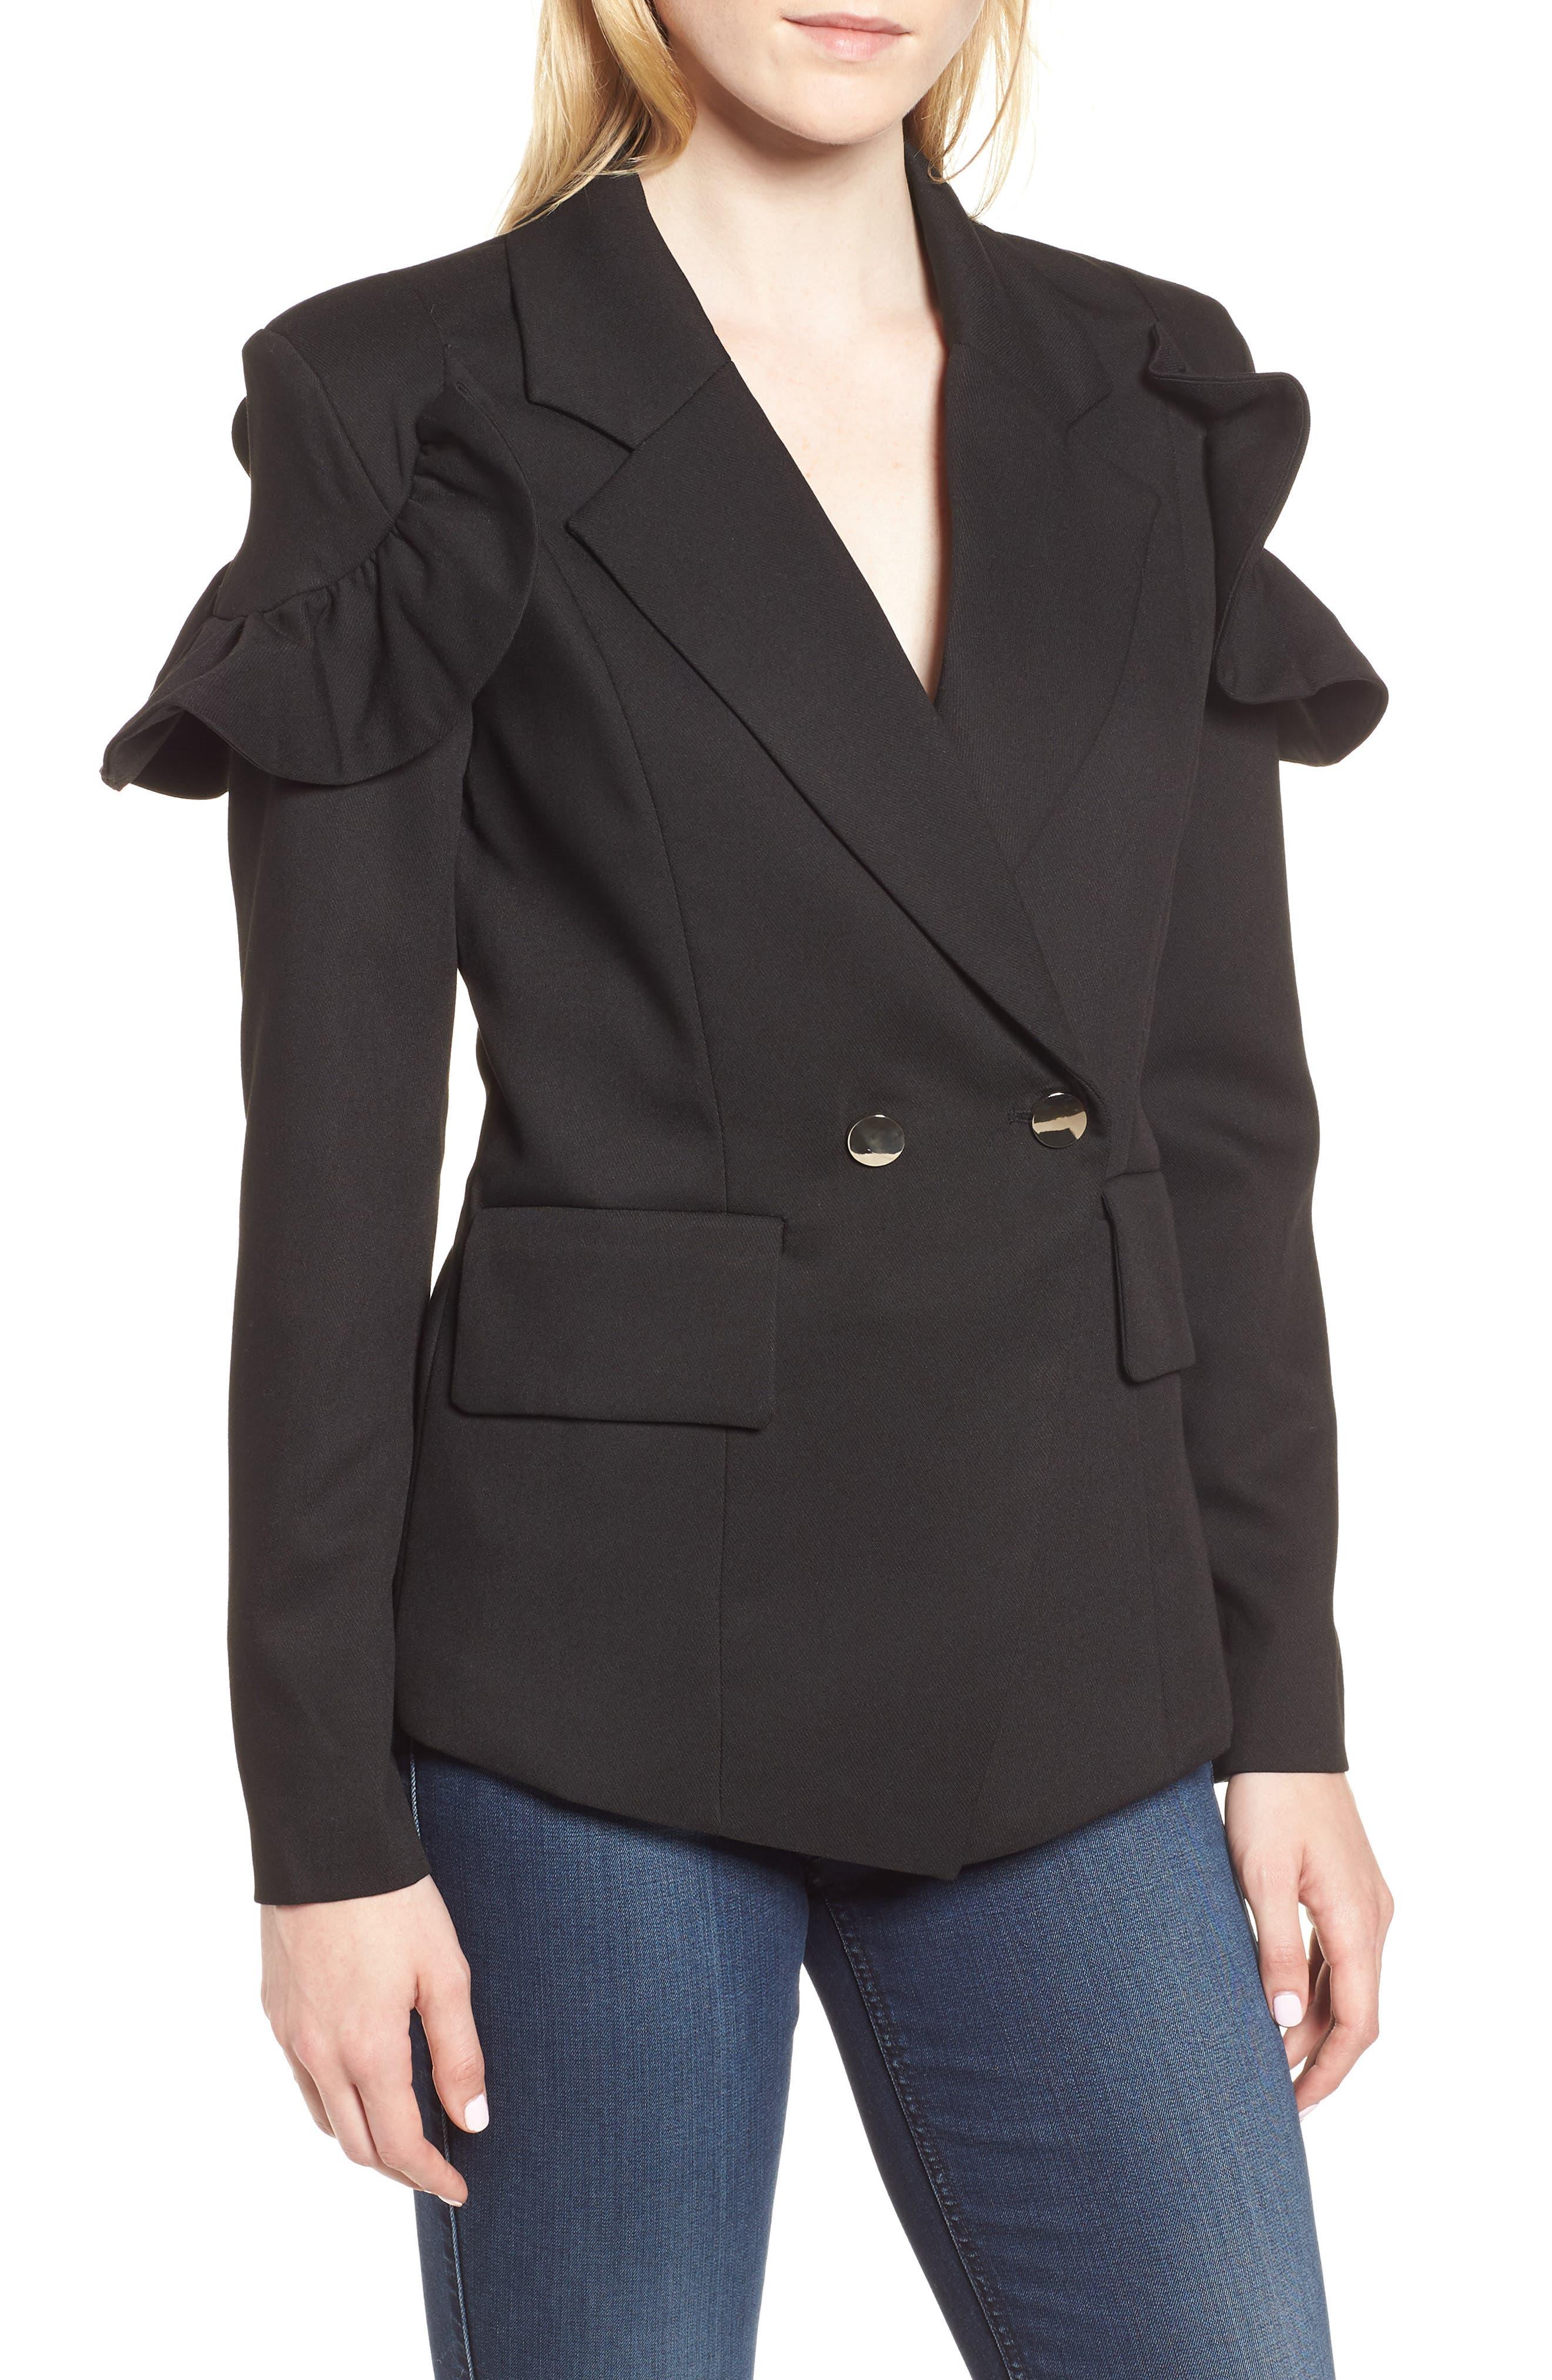 Harmony Jacket,                         Main,                         color,